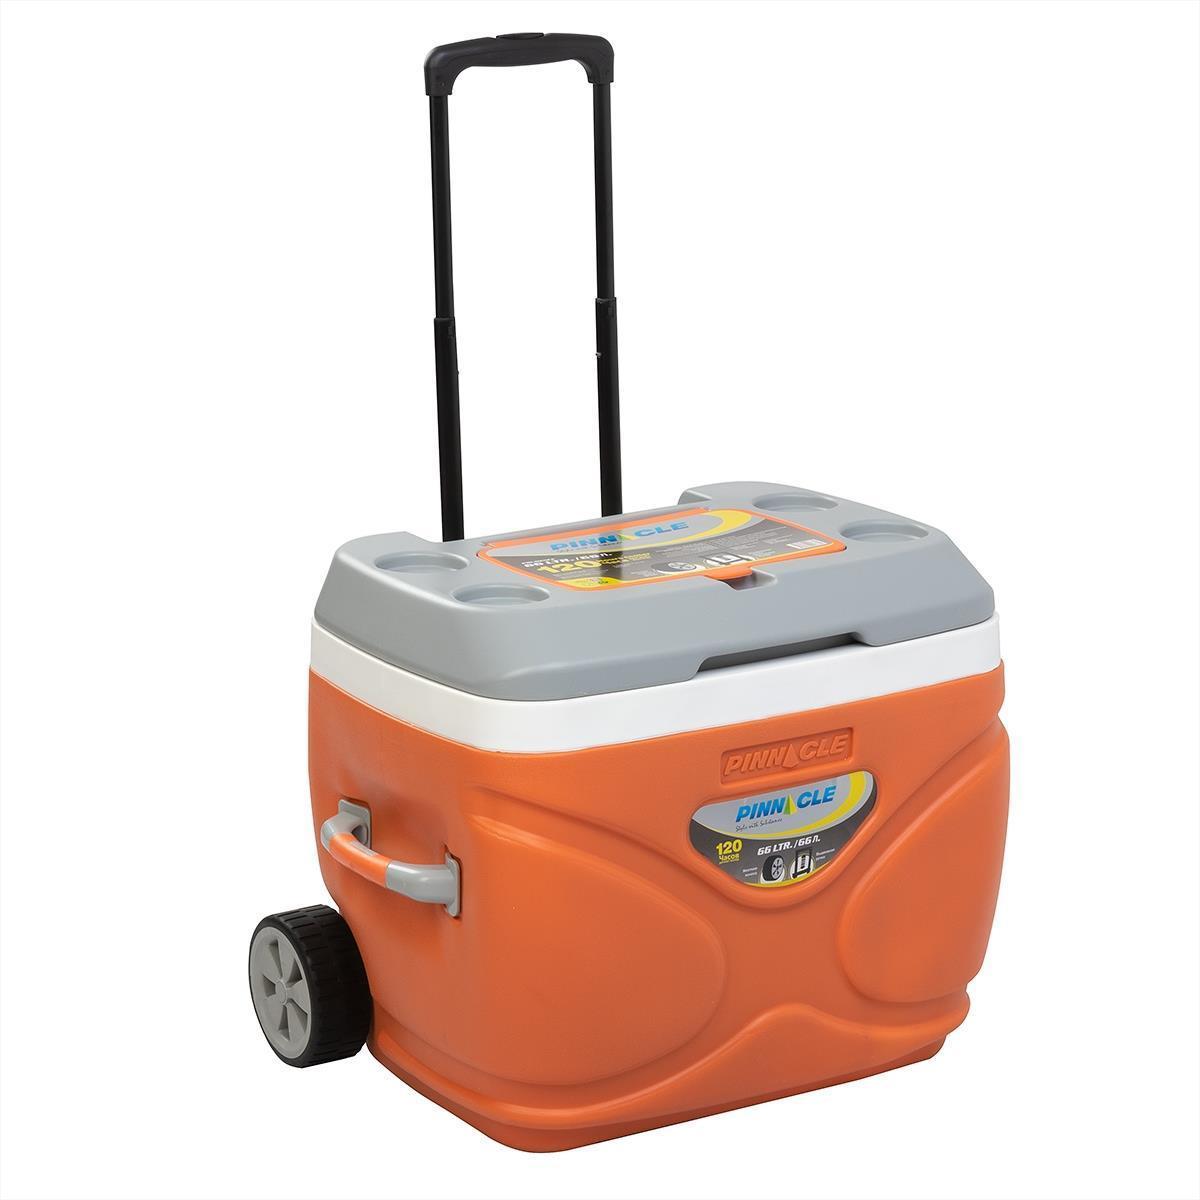 Изотермический контейнер на колесах оранжевый, PRUDENCE 30л